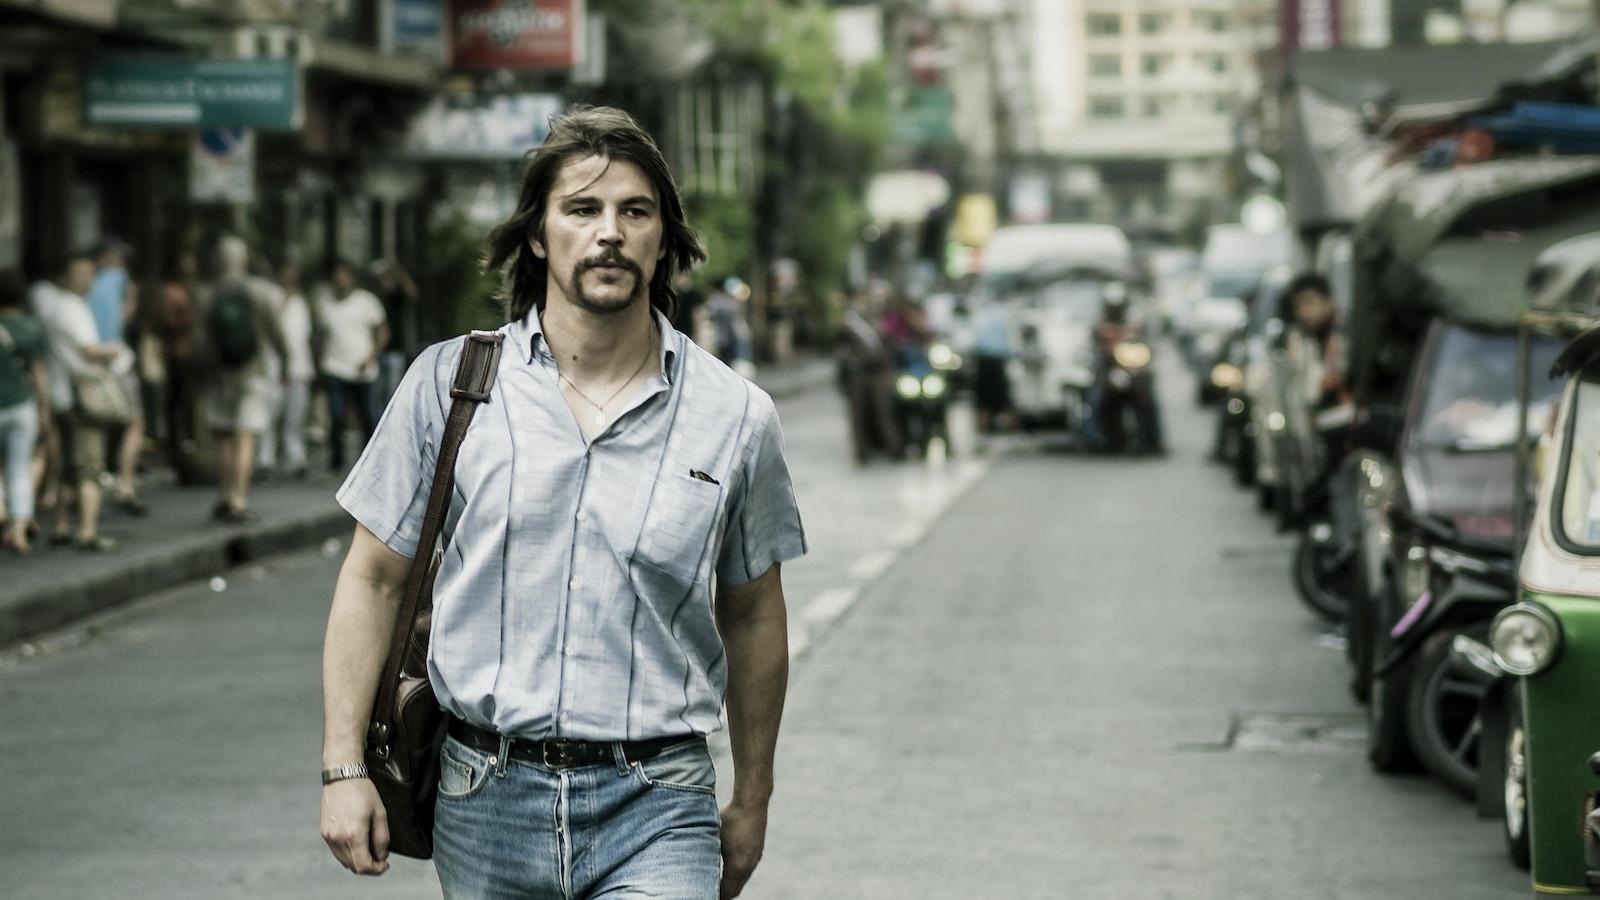 Un homme (Josh Hartnett) marche au milieu d'une rue en pleine ville.